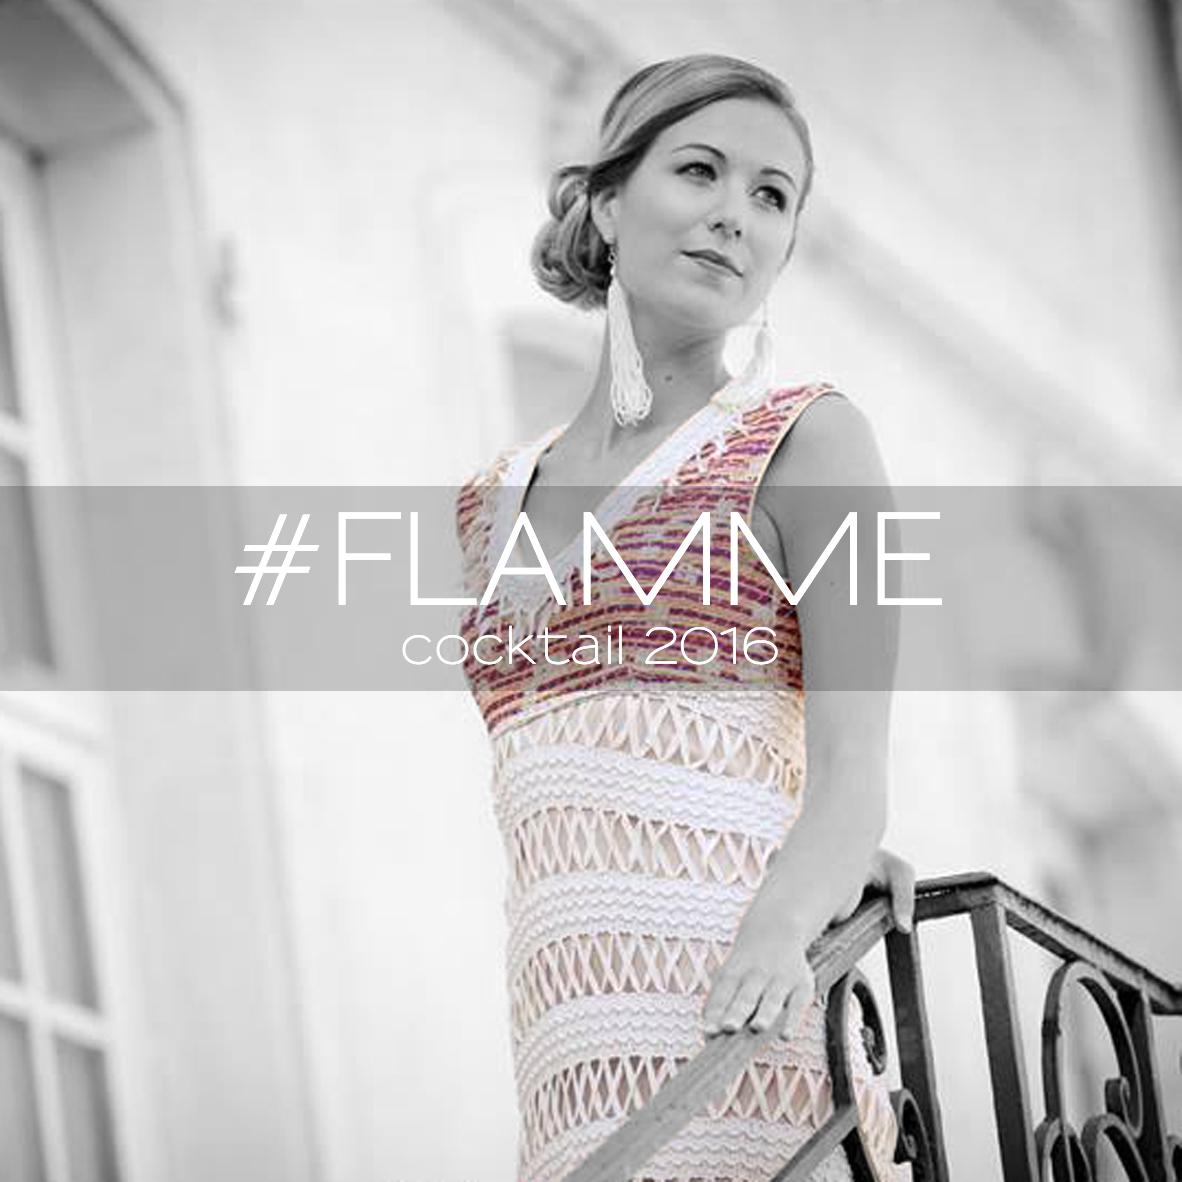 FLAMME cocktail 2016 - Fabienne Dimanov Paris